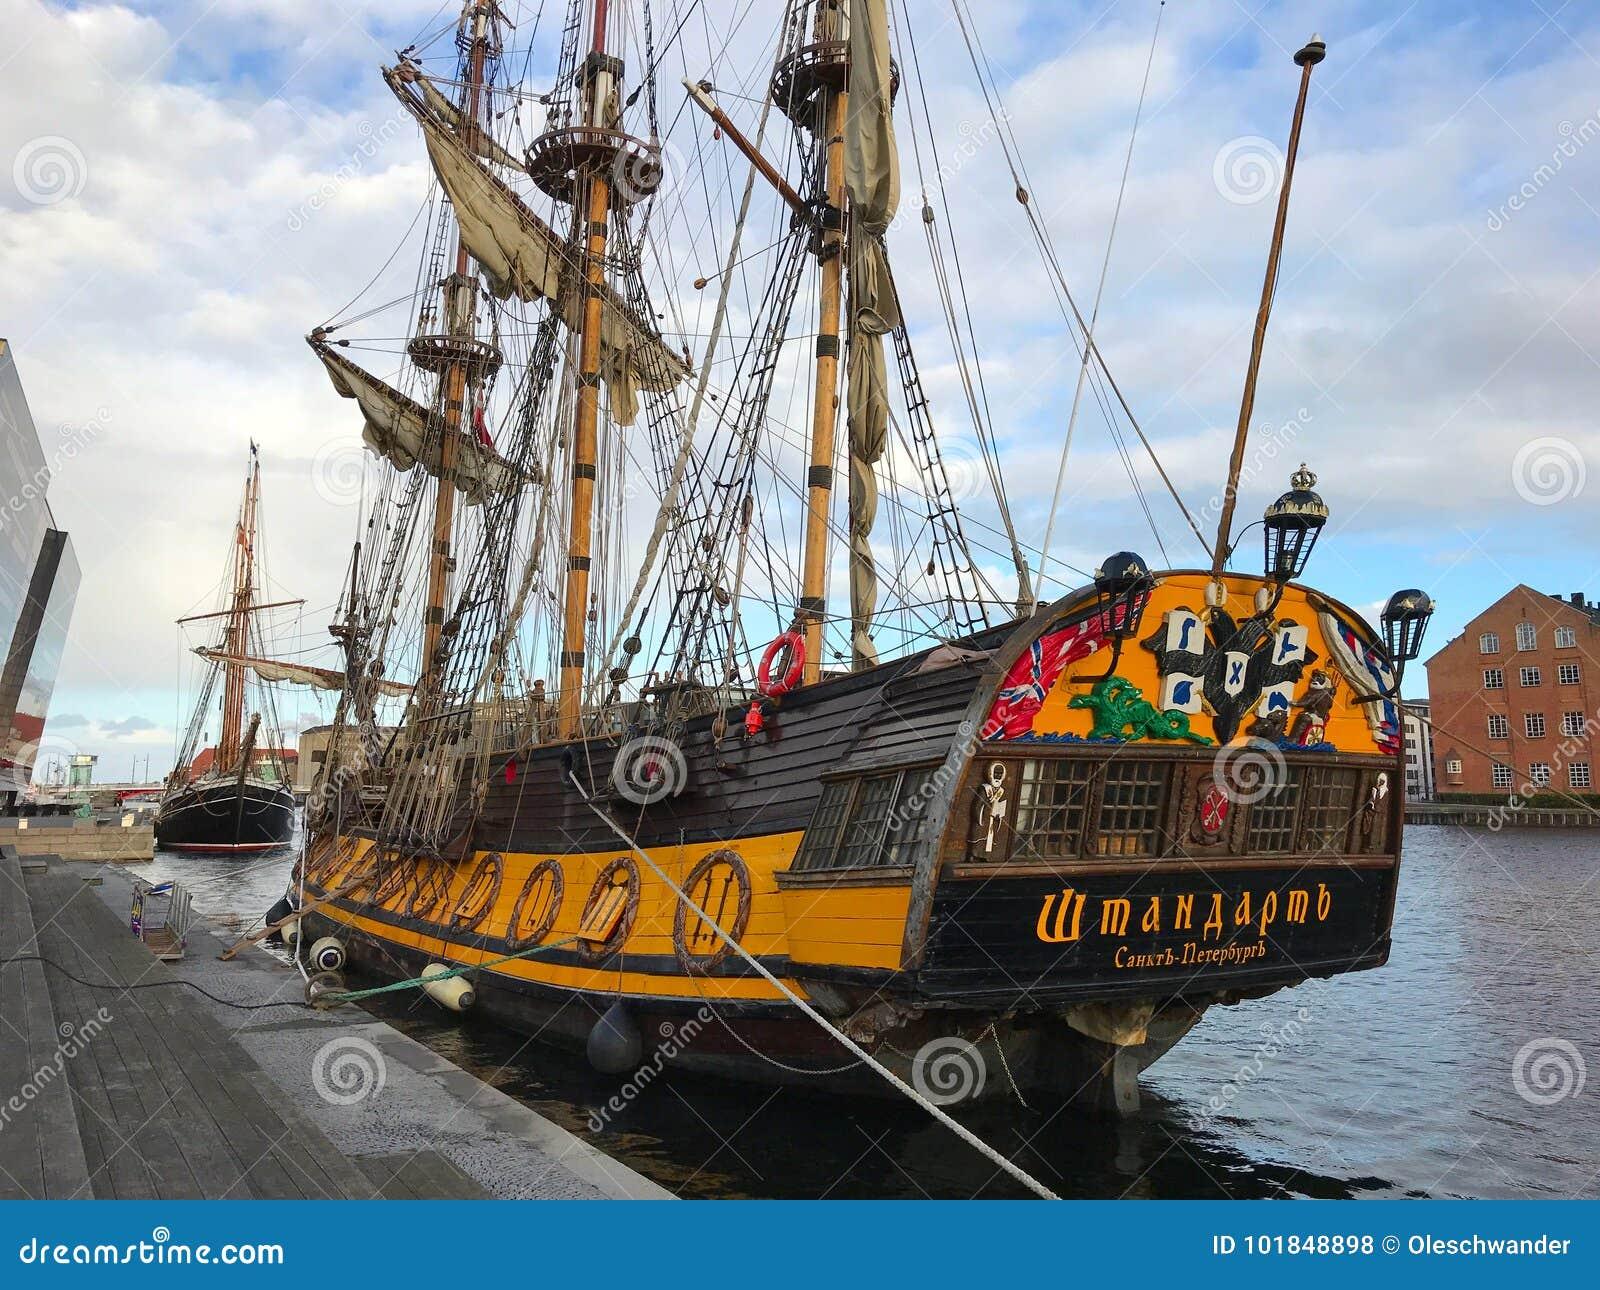 Die Fregatte Shtandart ist die genaue Replik des Mann-vonkrieges errichtet durch Peter der Große im Jahre 1703